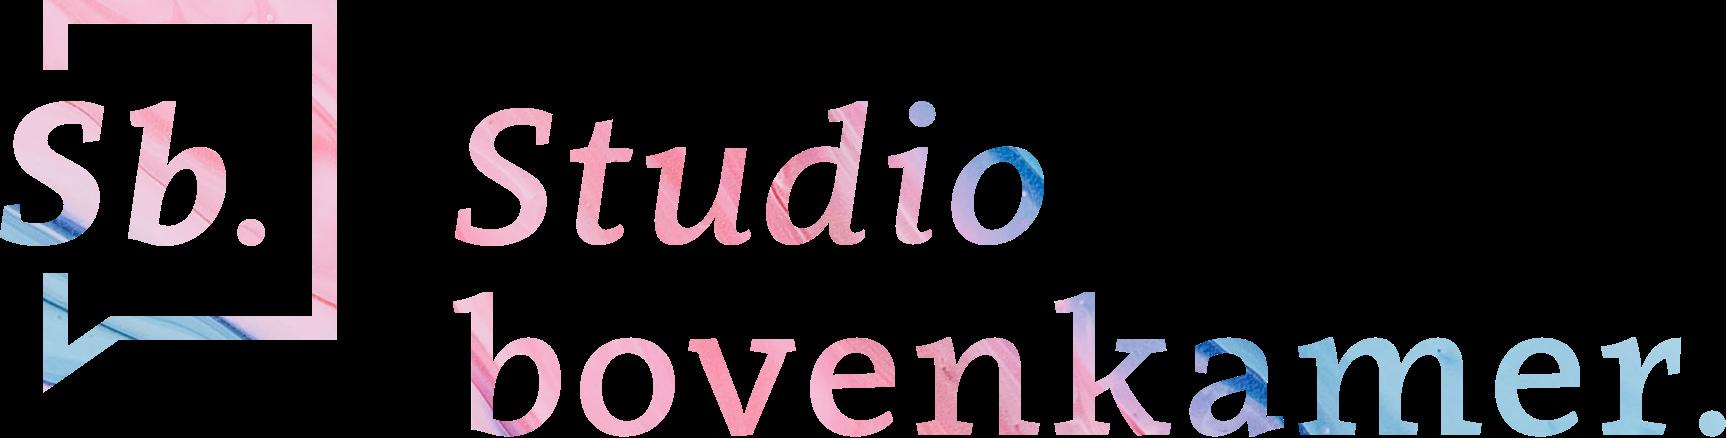 Studio Bovenkamer logo loading